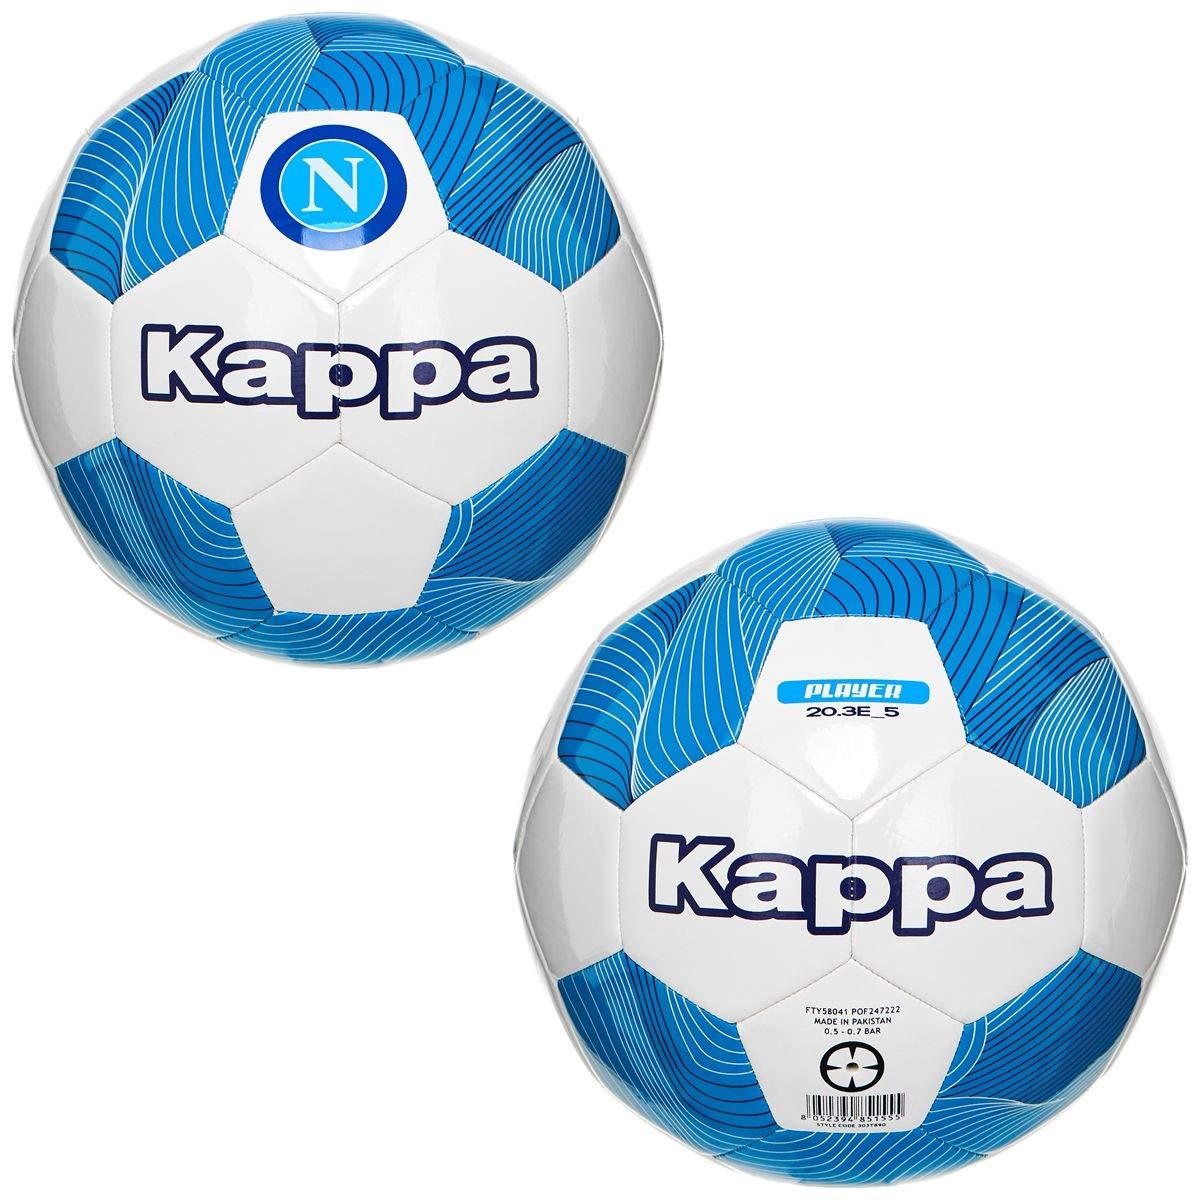 Kappa El balón de fútbol Mide 5 SSC Napoli Blanco y Azul 303T890 ...